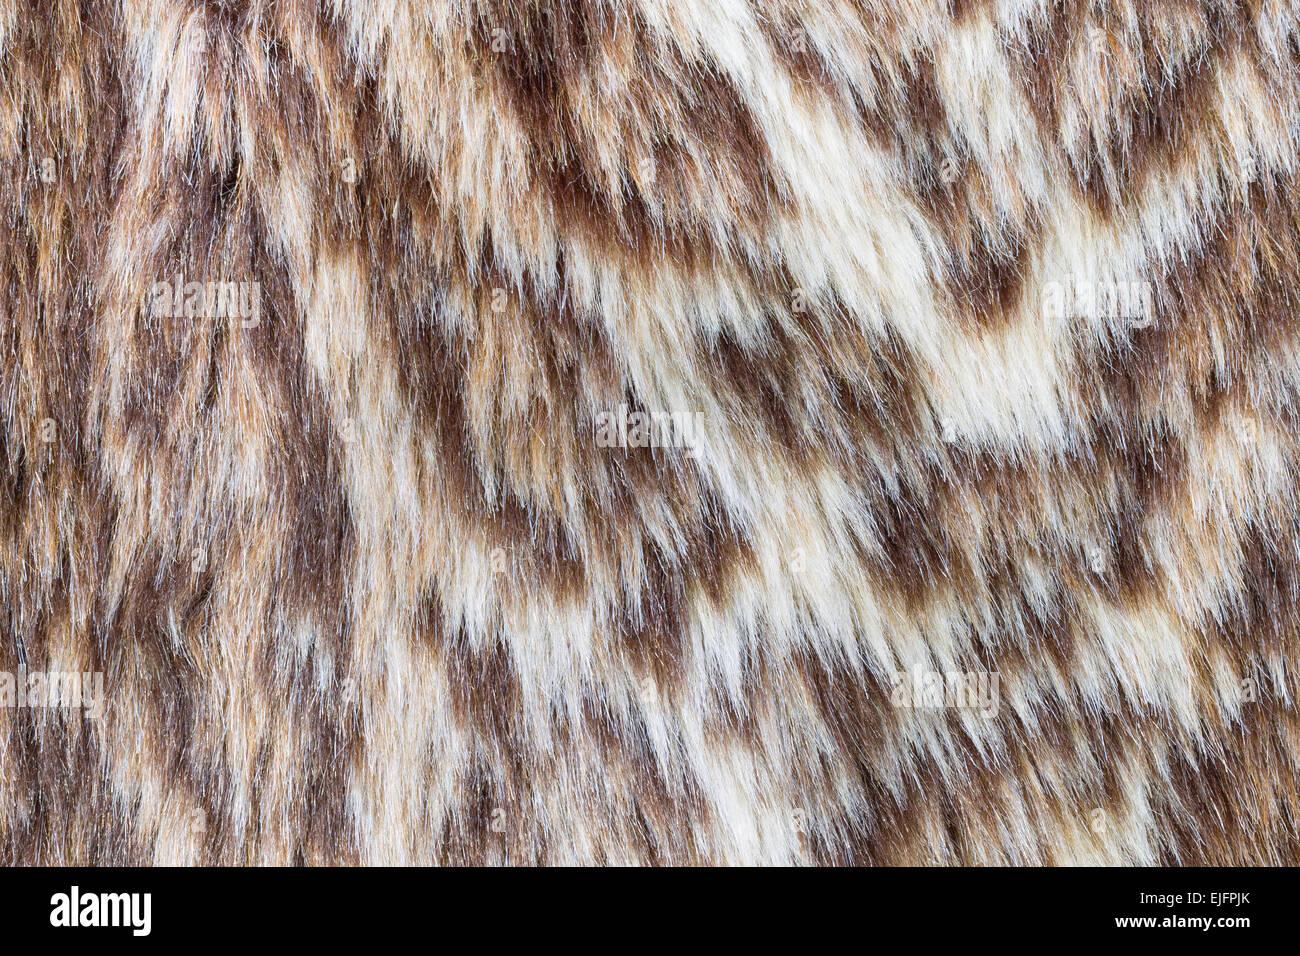 Wildcat brun ou Fourrure Léopard guépard ou la texture pour la conception. Banque D'Images